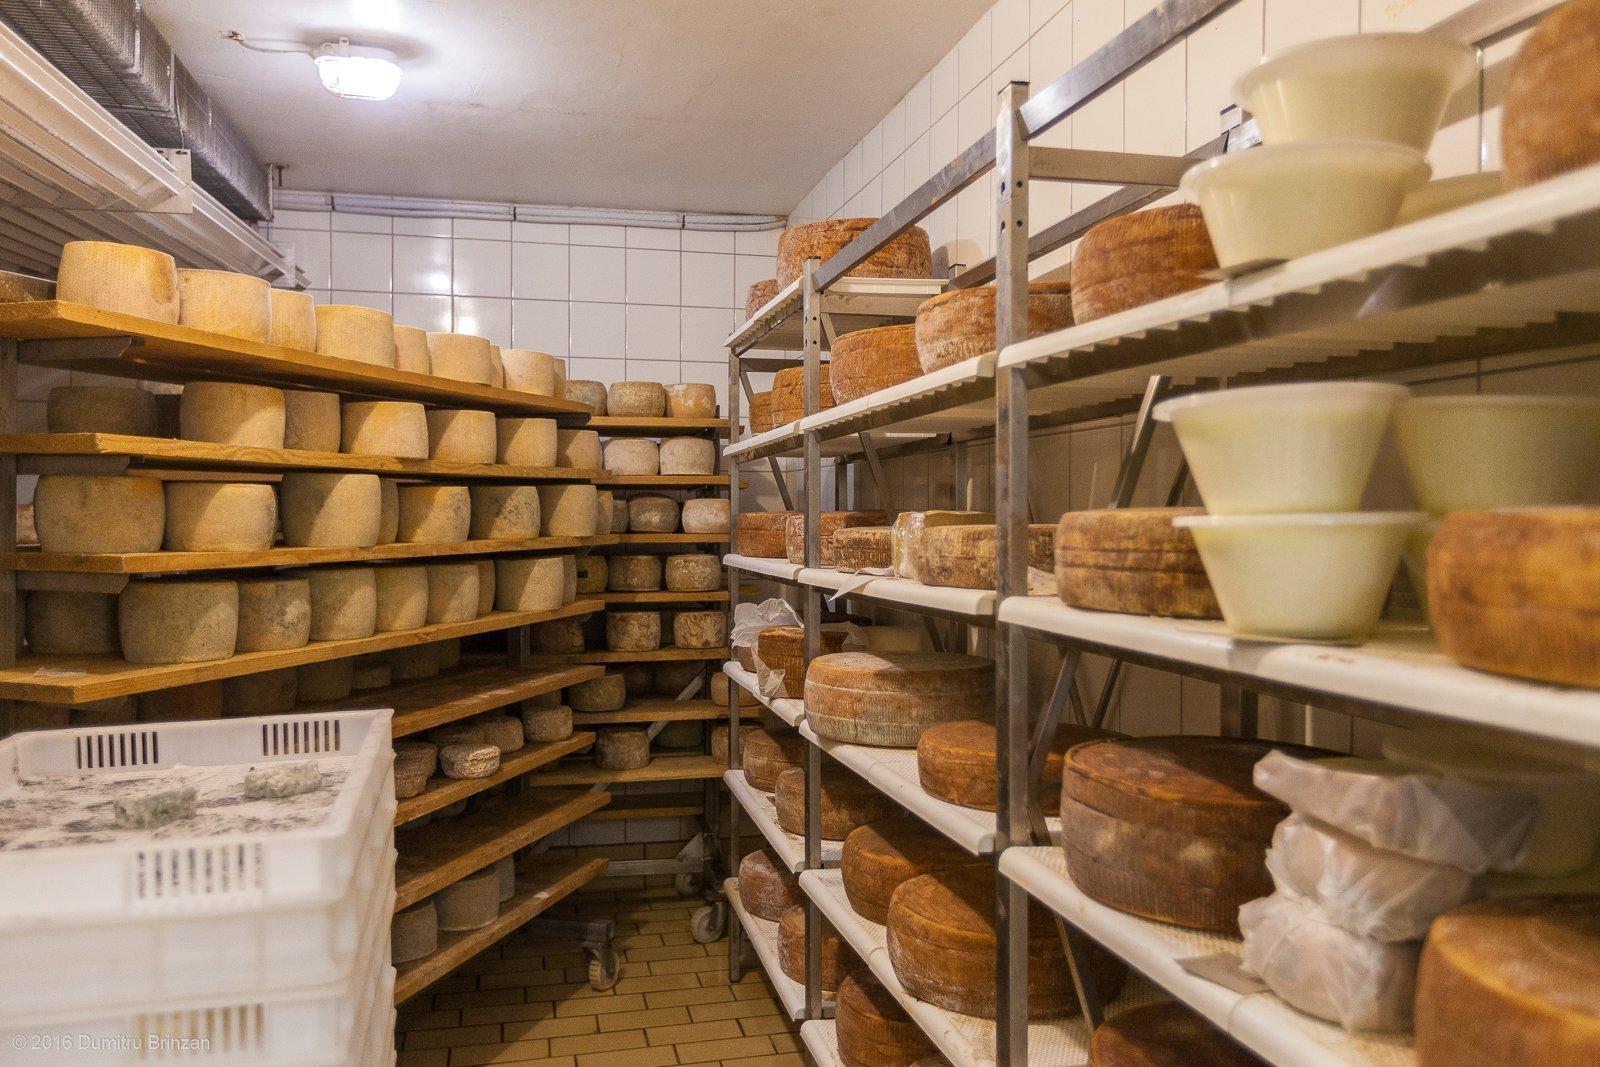 2016-podere-il-casale-pienza-15-cheese-fridge